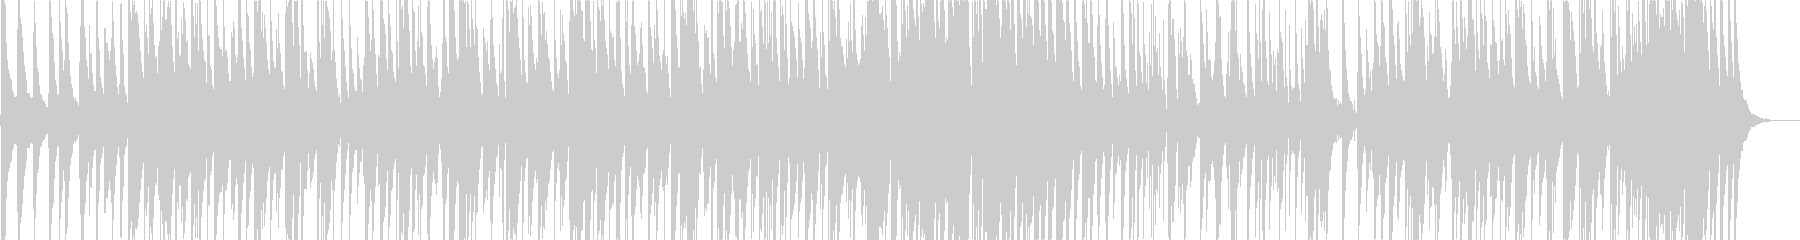 ゆったりとして、さわやかなボサノバの未再生の波形